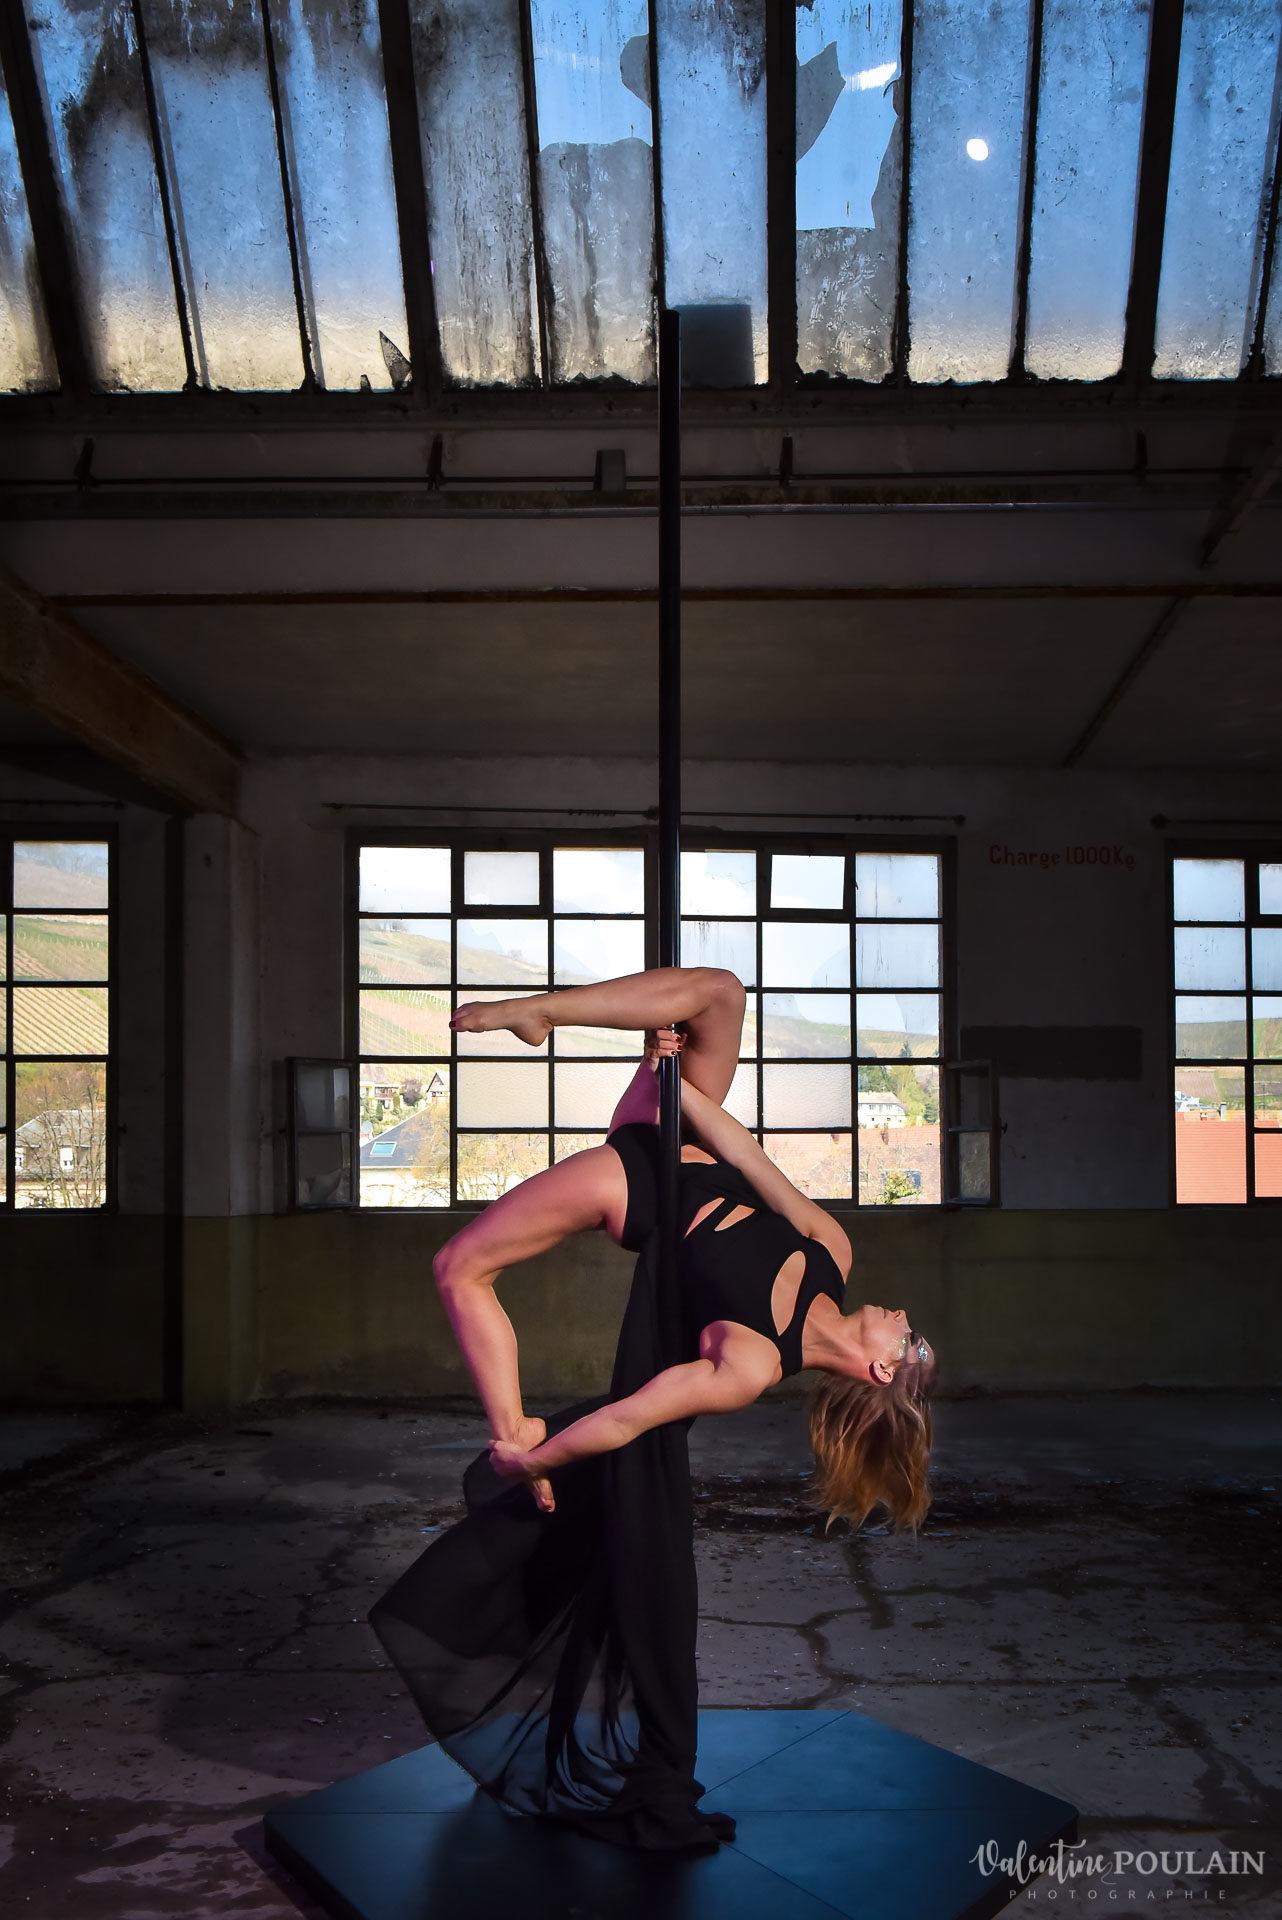 Shooting Pole Dance gymnastique - Valentine Poulain souplesse